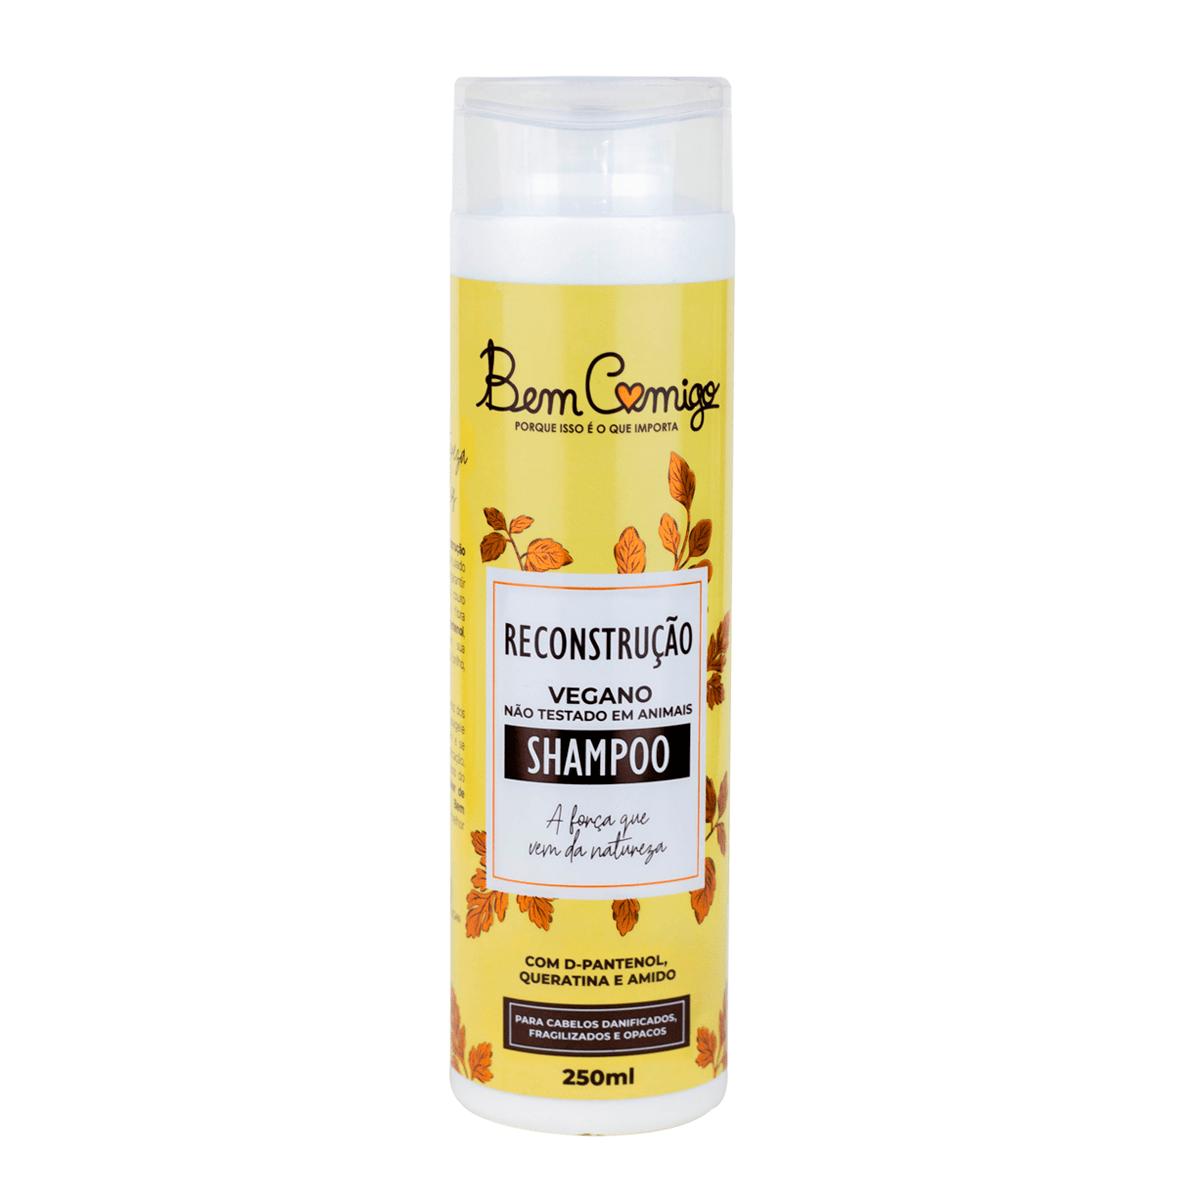 Shampoo Reconstrução Bem Comigo 250ml - Kamaleão Color